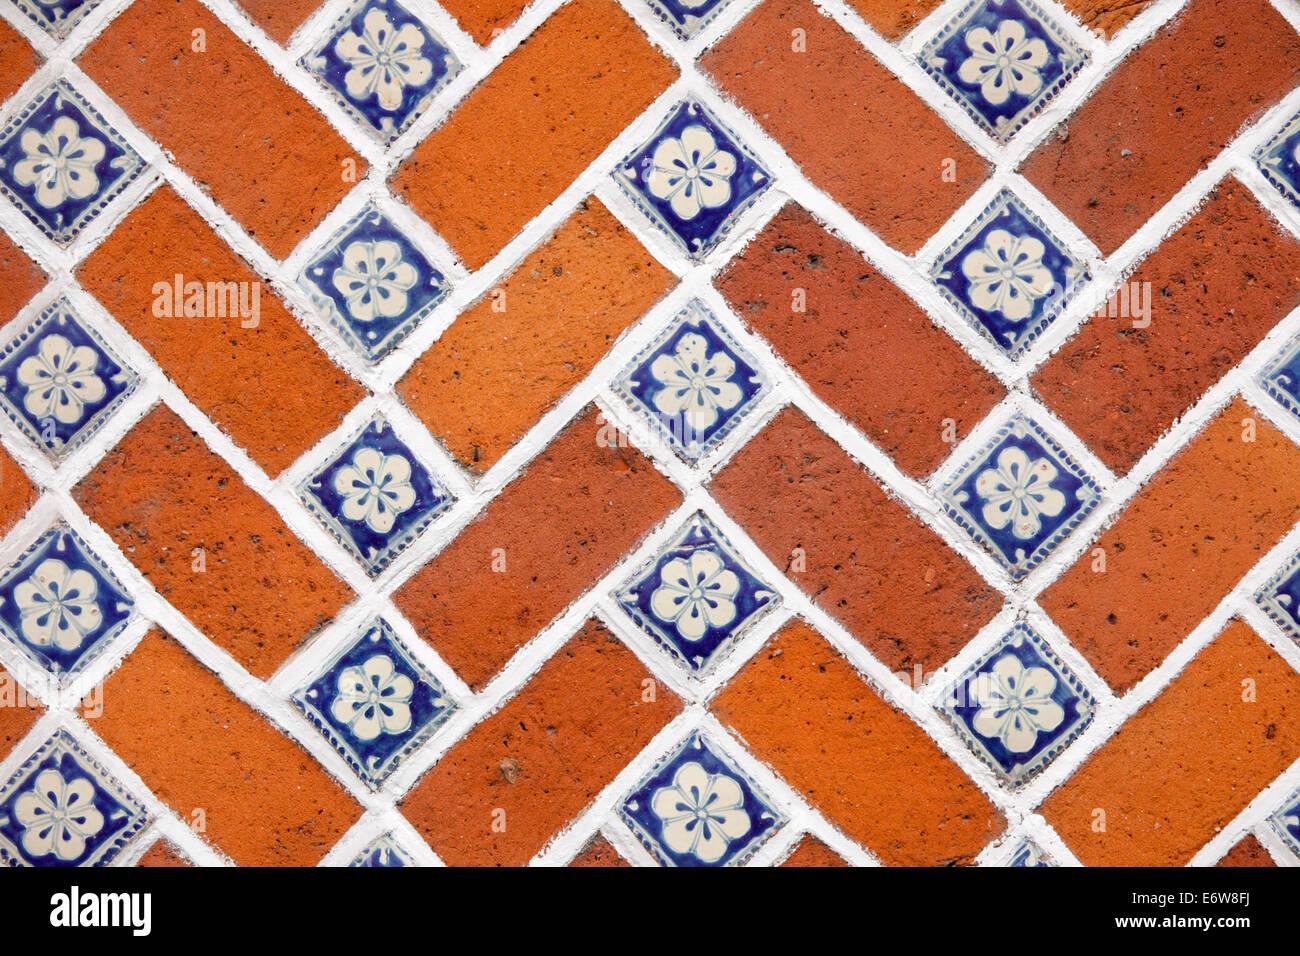 Dettaglio di una piastrella e un muro di mattoni a Puebla, in Messico. Immagini Stock